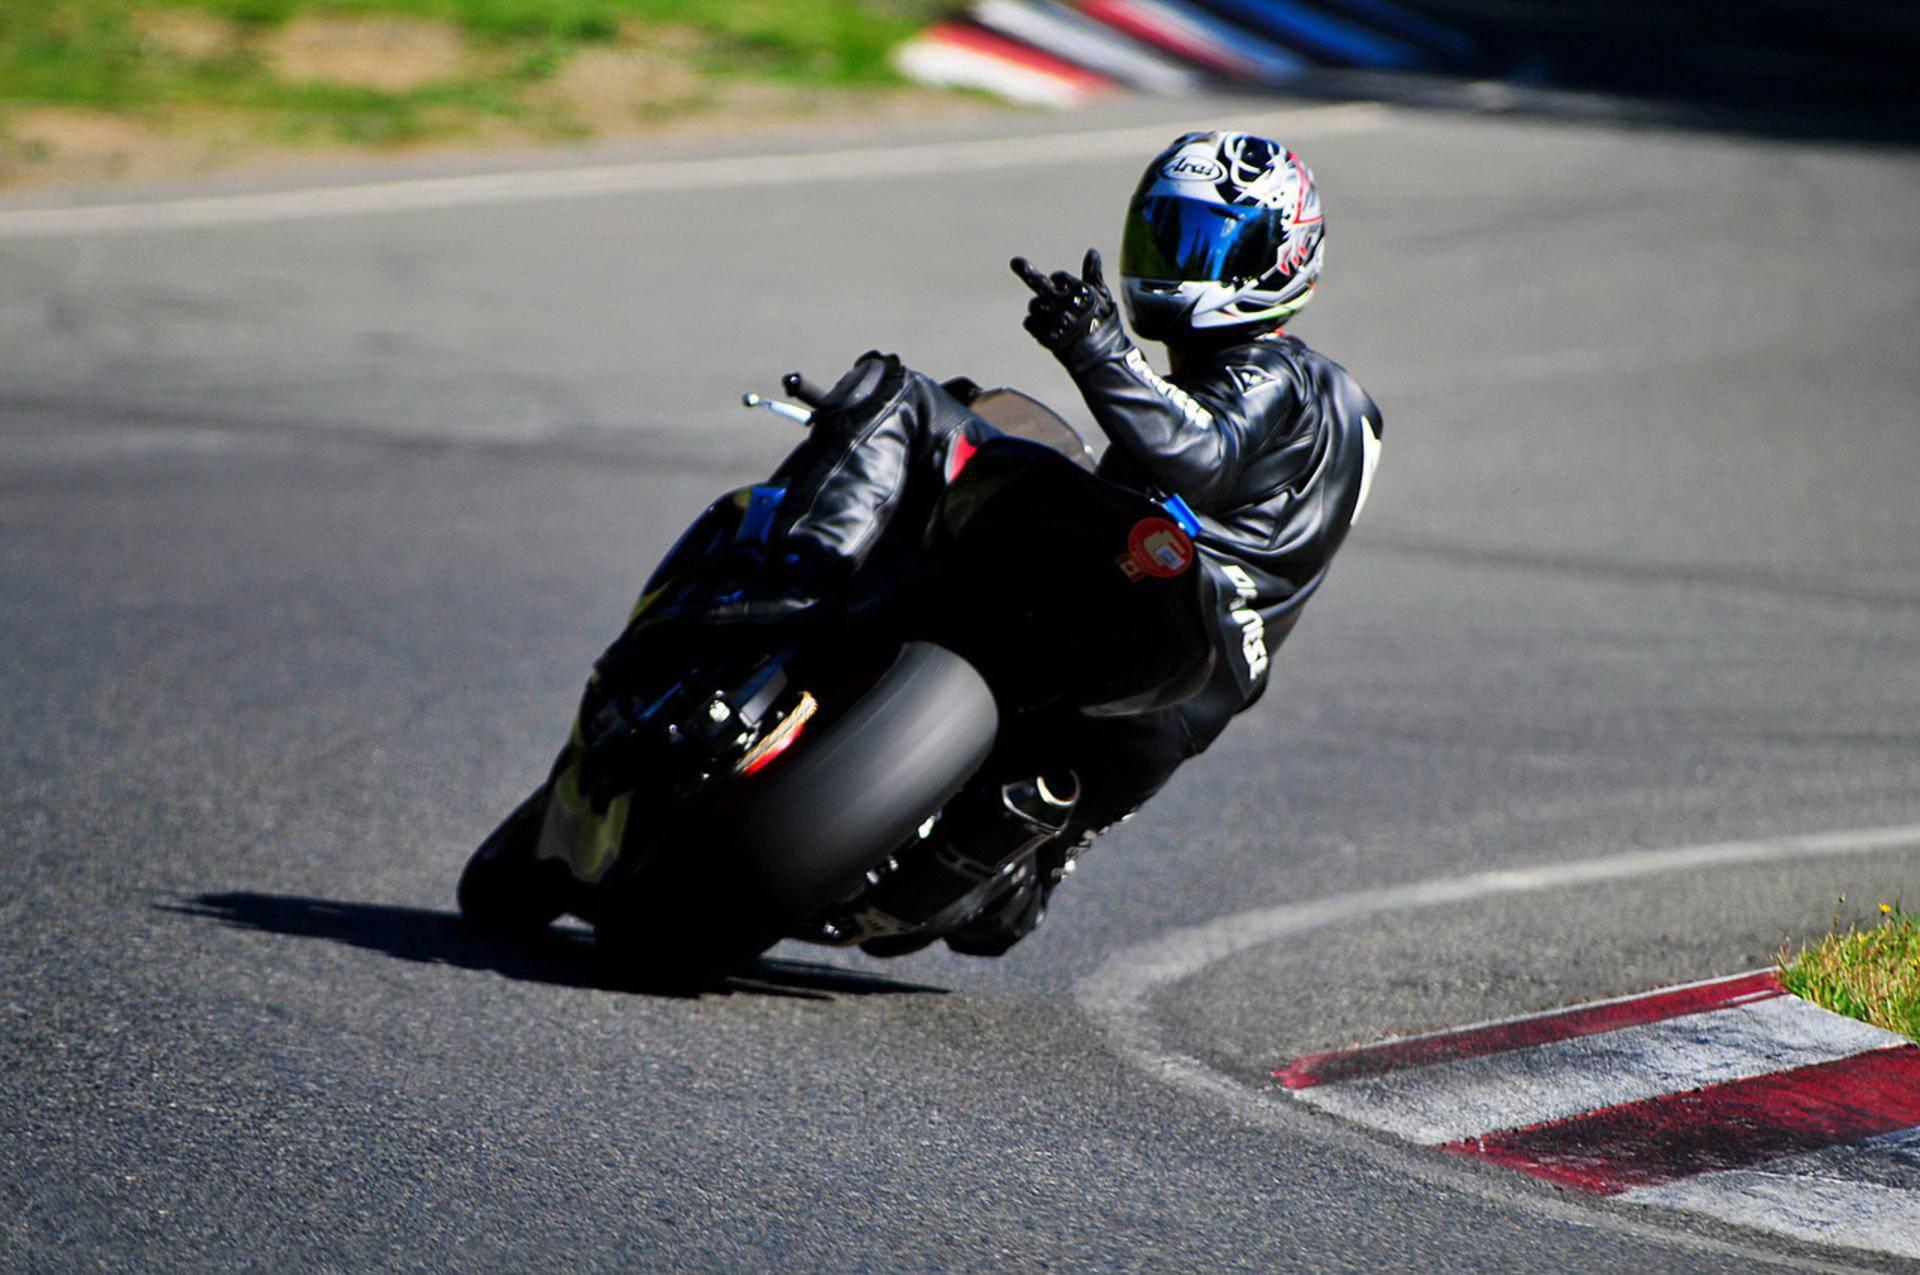 обои мотоциклист, трек, издевка, не догонишь картинки фото